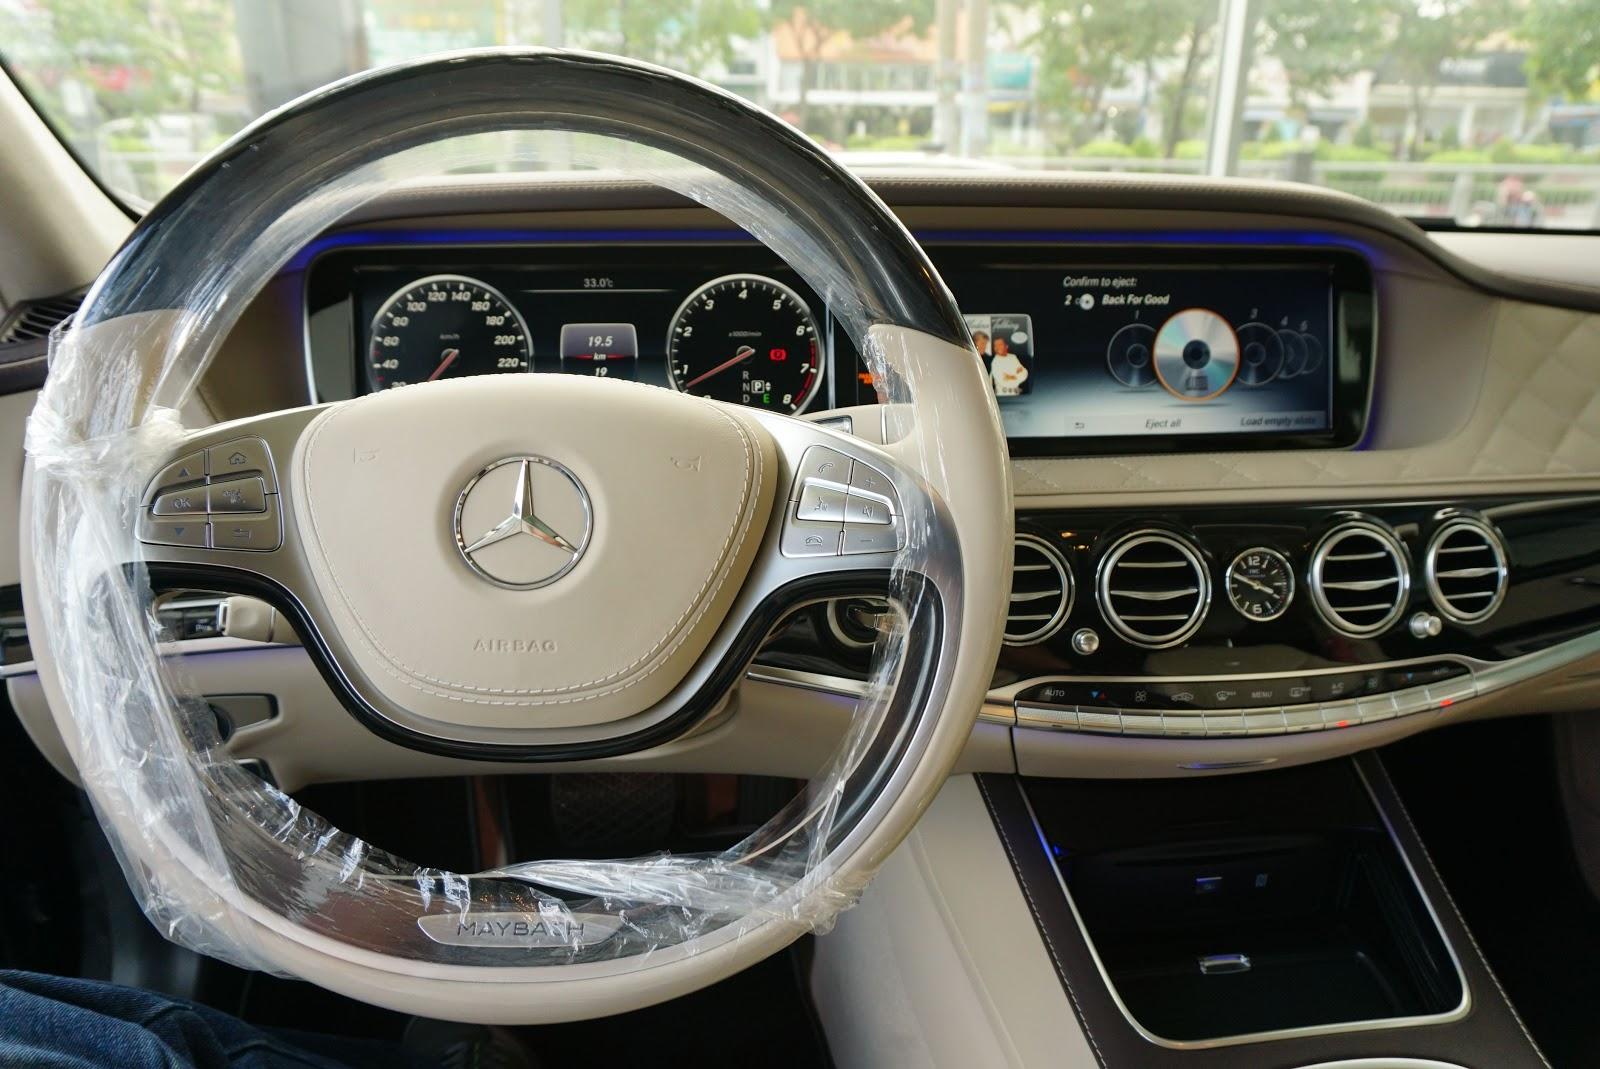 Đây là một chiếc xe siêu thông minh, kết hợp hệ thống an toàn, giải trí đỉnh cao